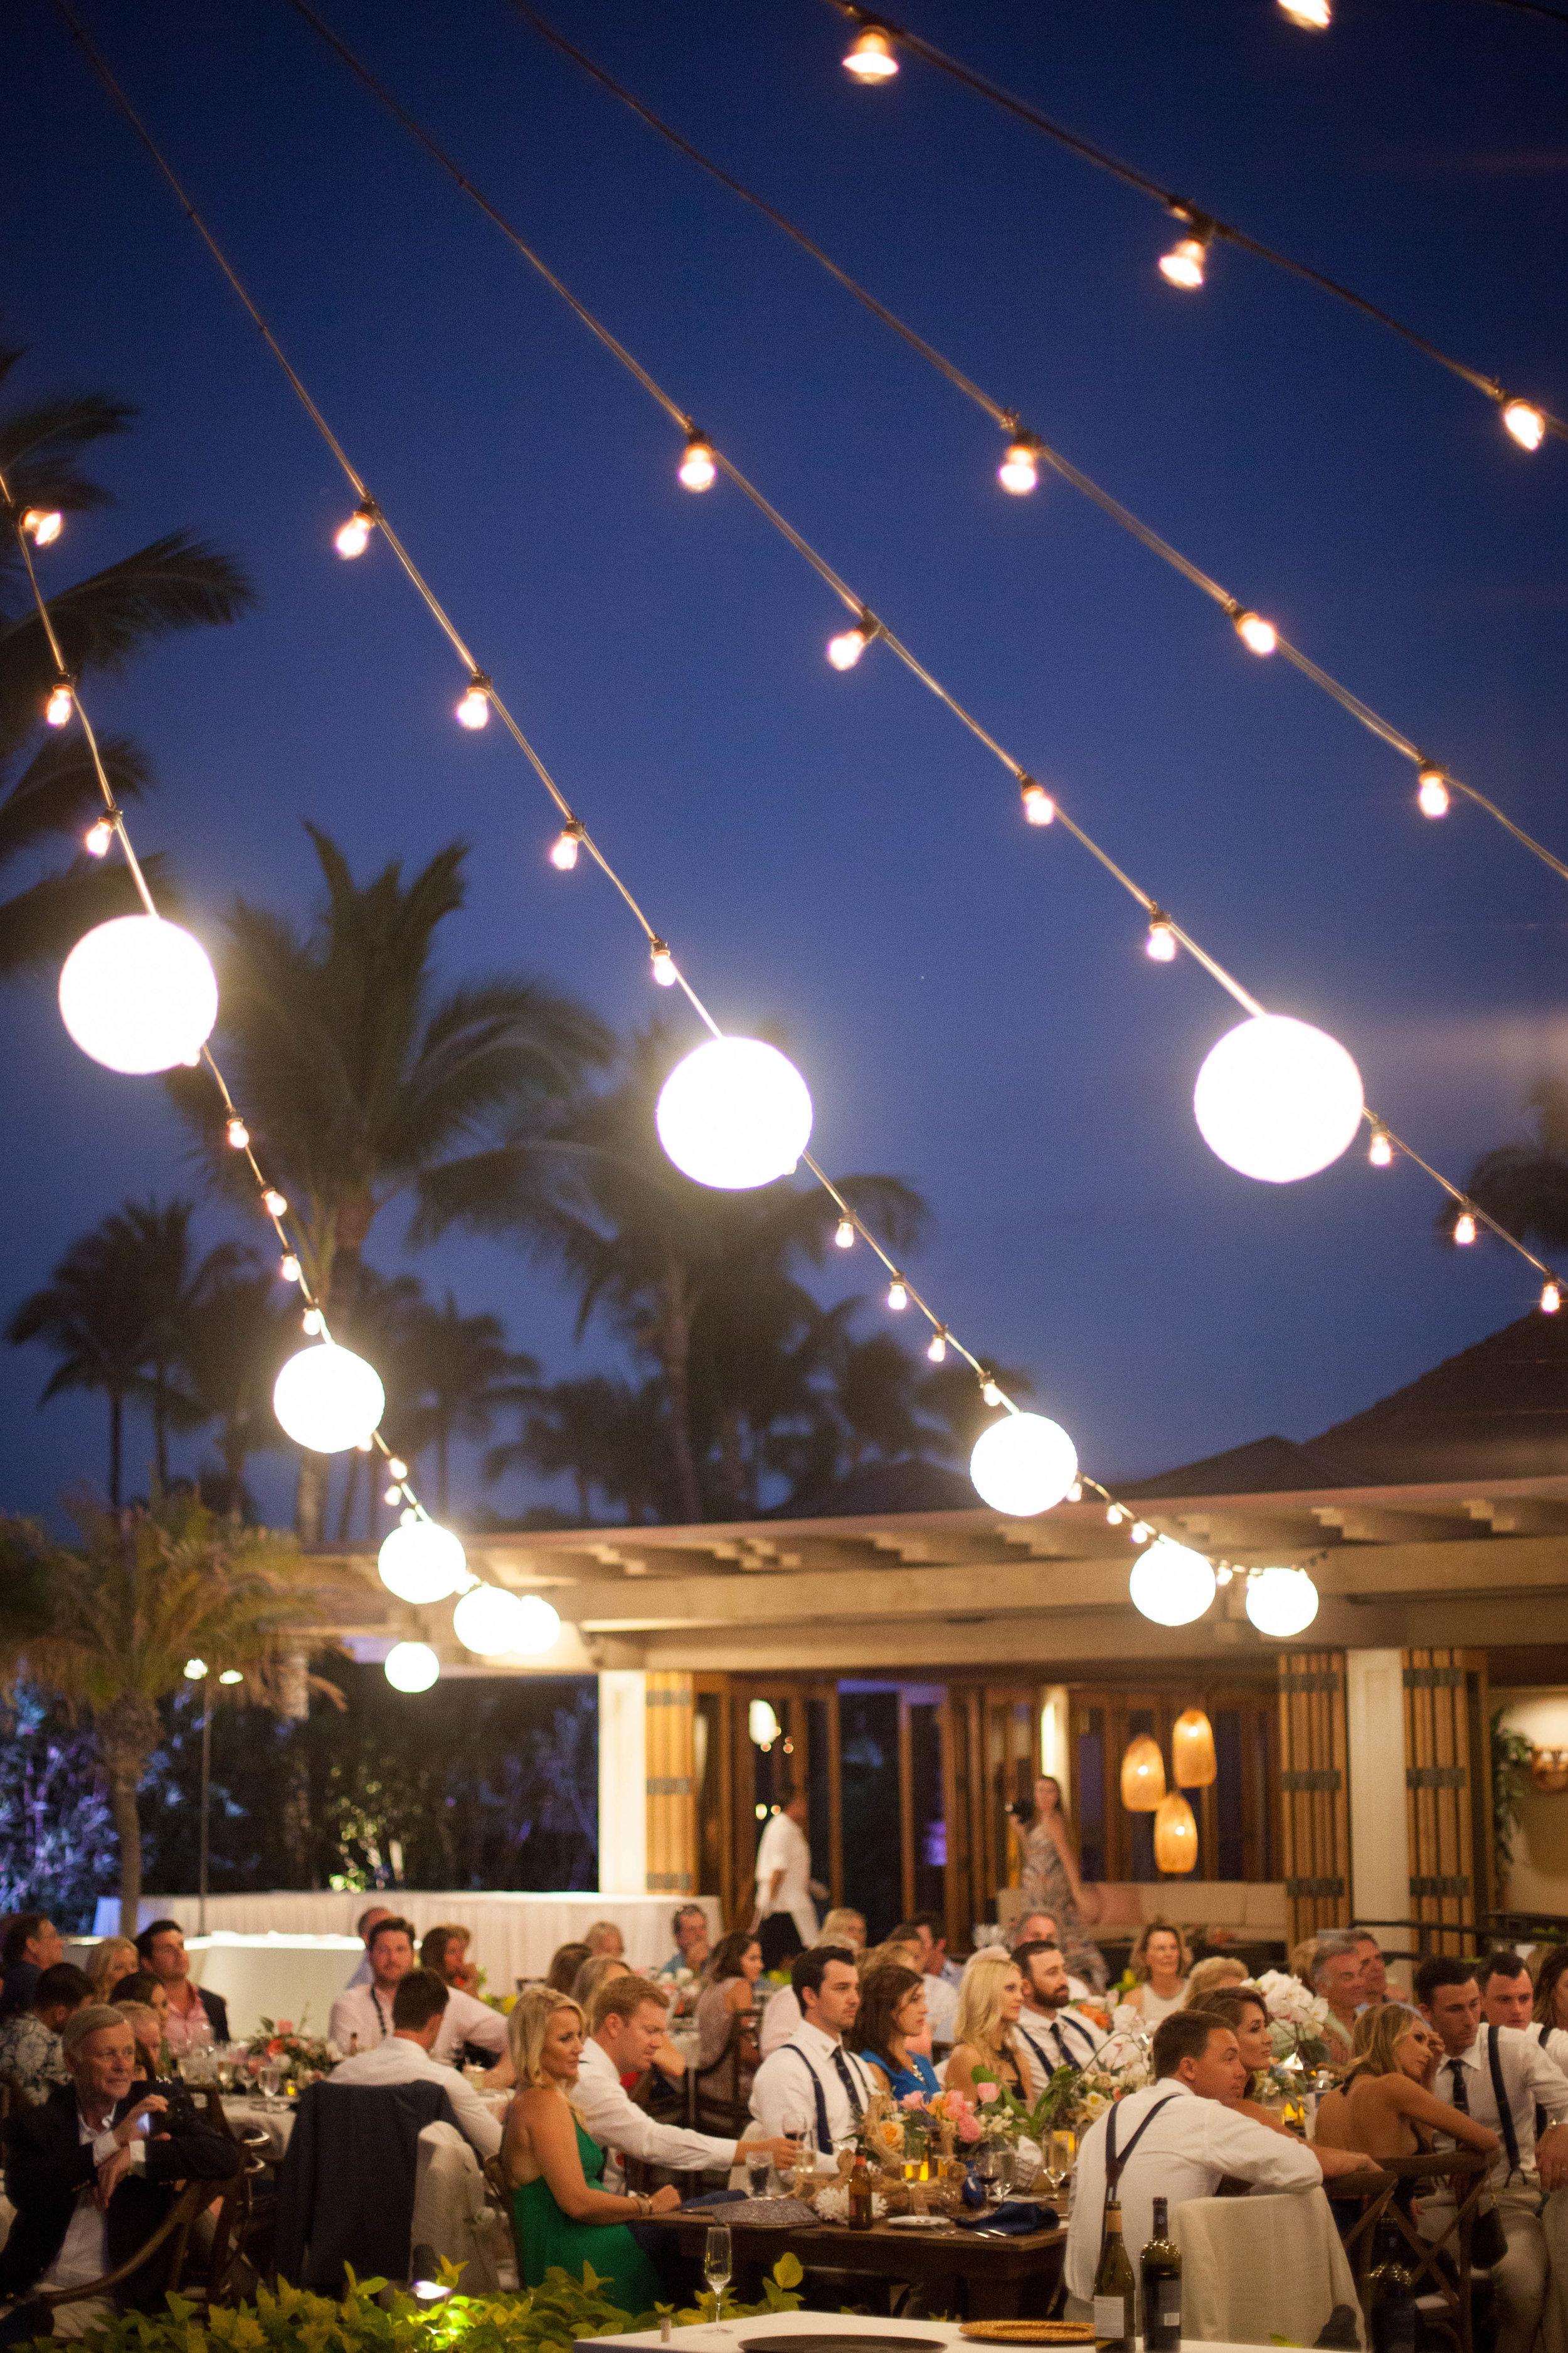 big island hawaii mauna lani resort wedding © kelilina photography 20160131184221-1.jpg